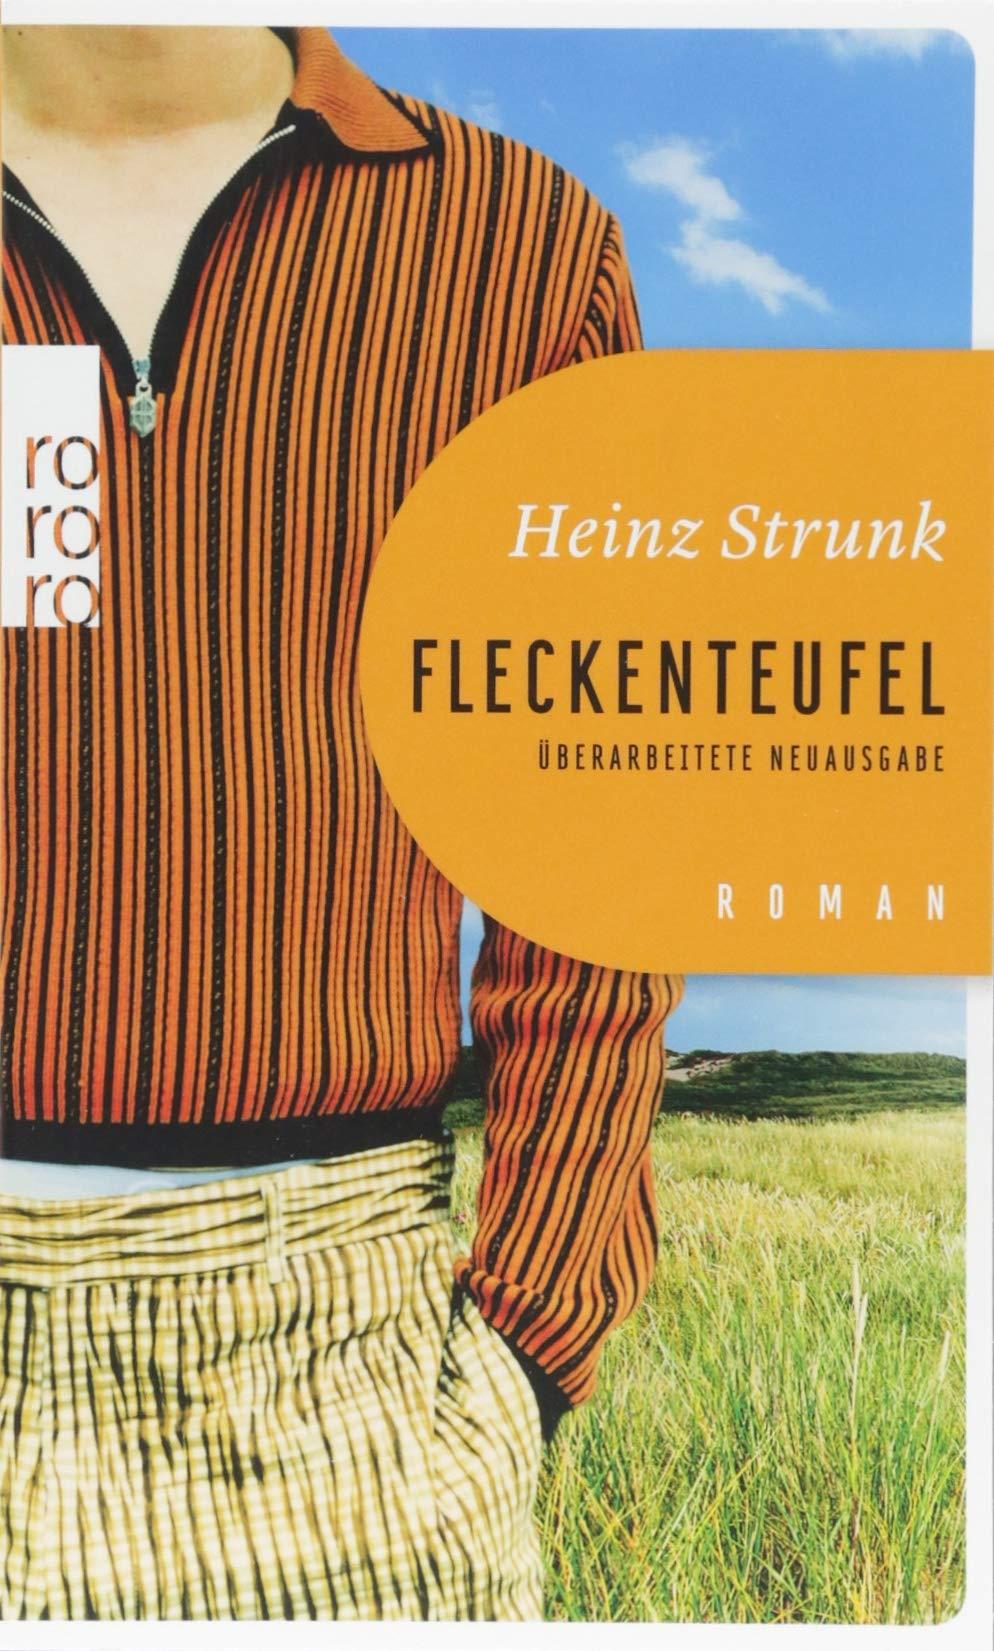 Fleckenteufel Taschenbuch – 26. Juni 2018 Heinz Strunk Rowohlt Taschenbuch 3499274817 1970 bis 1979 n. Chr.